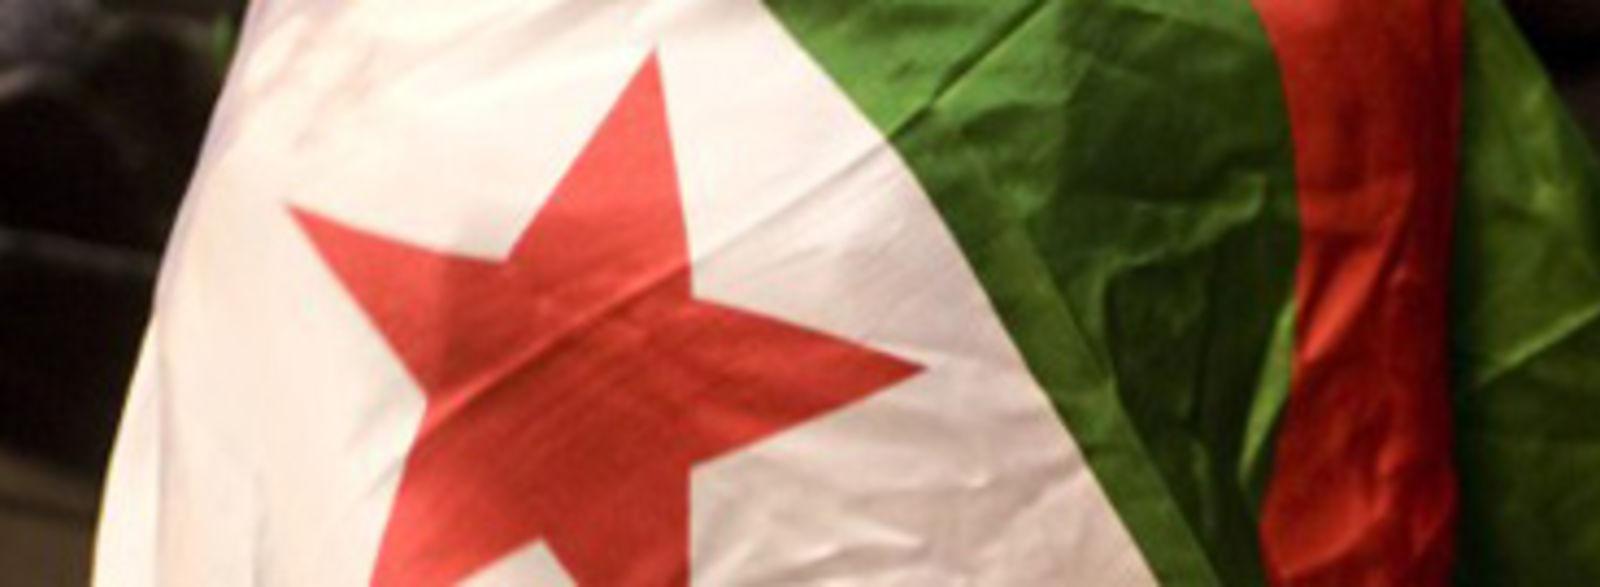 Les militants pro-palestiniens réprimés en France et en Israël